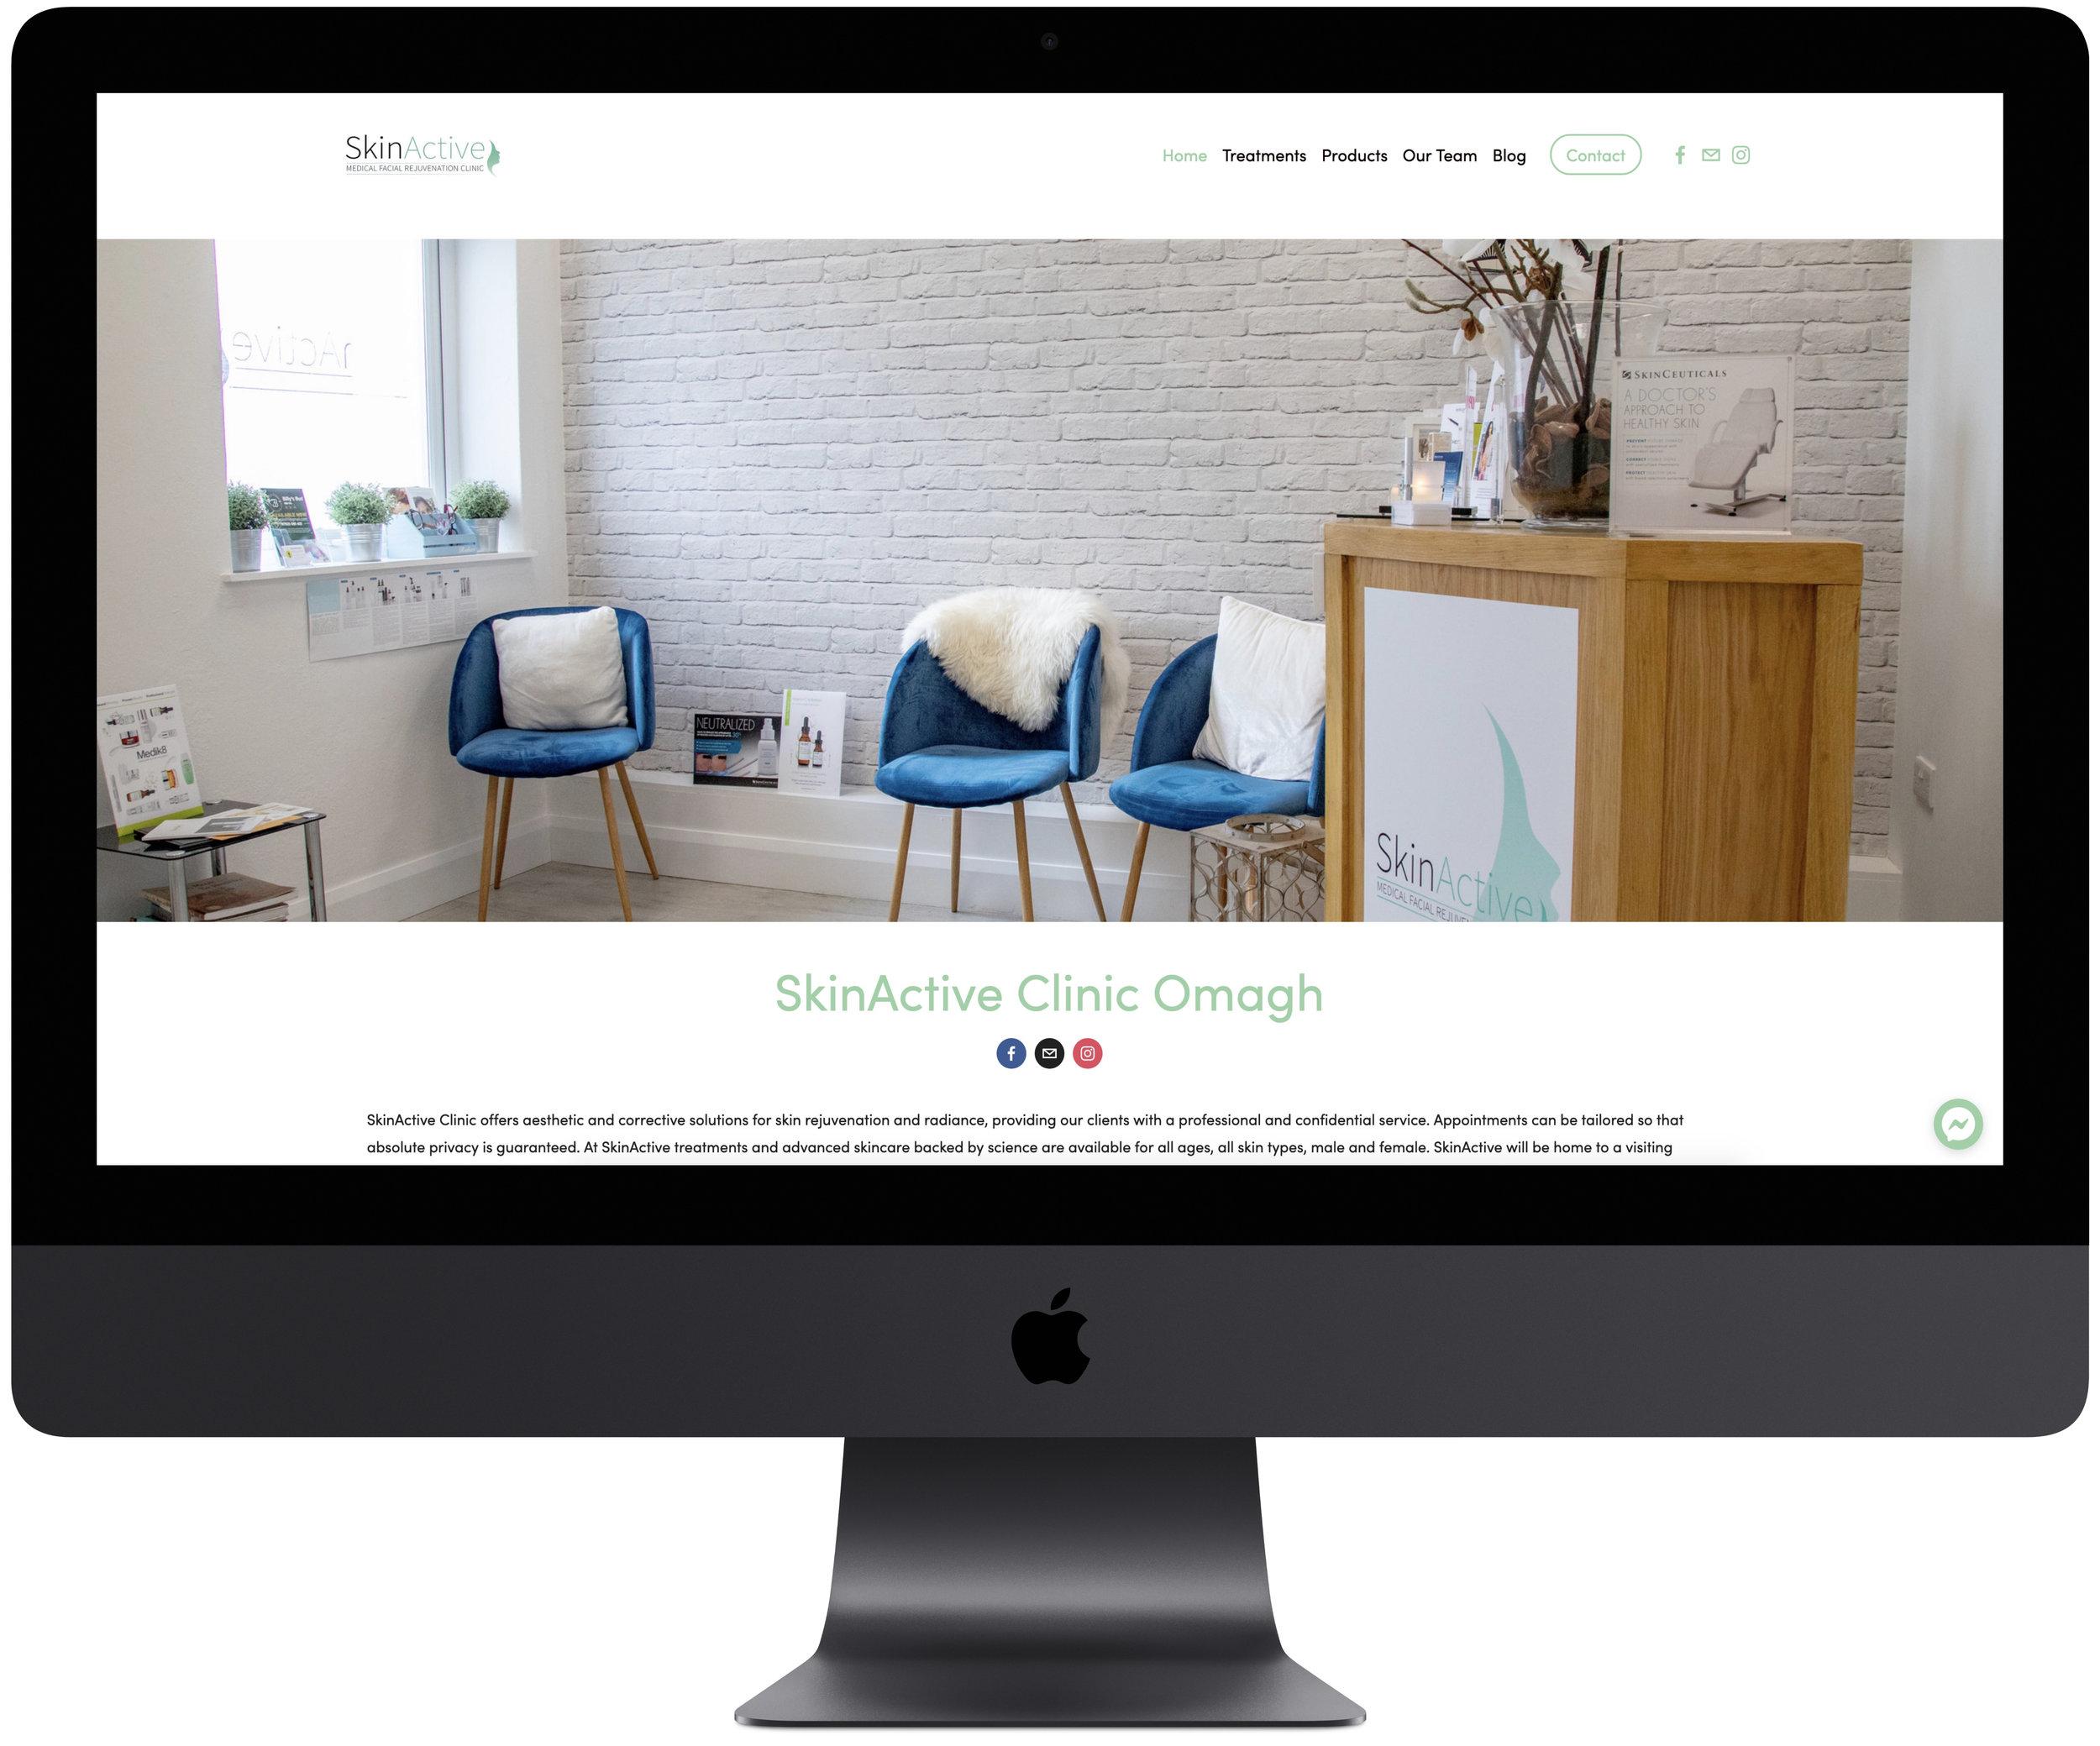 SkinActive - iMac.jpg